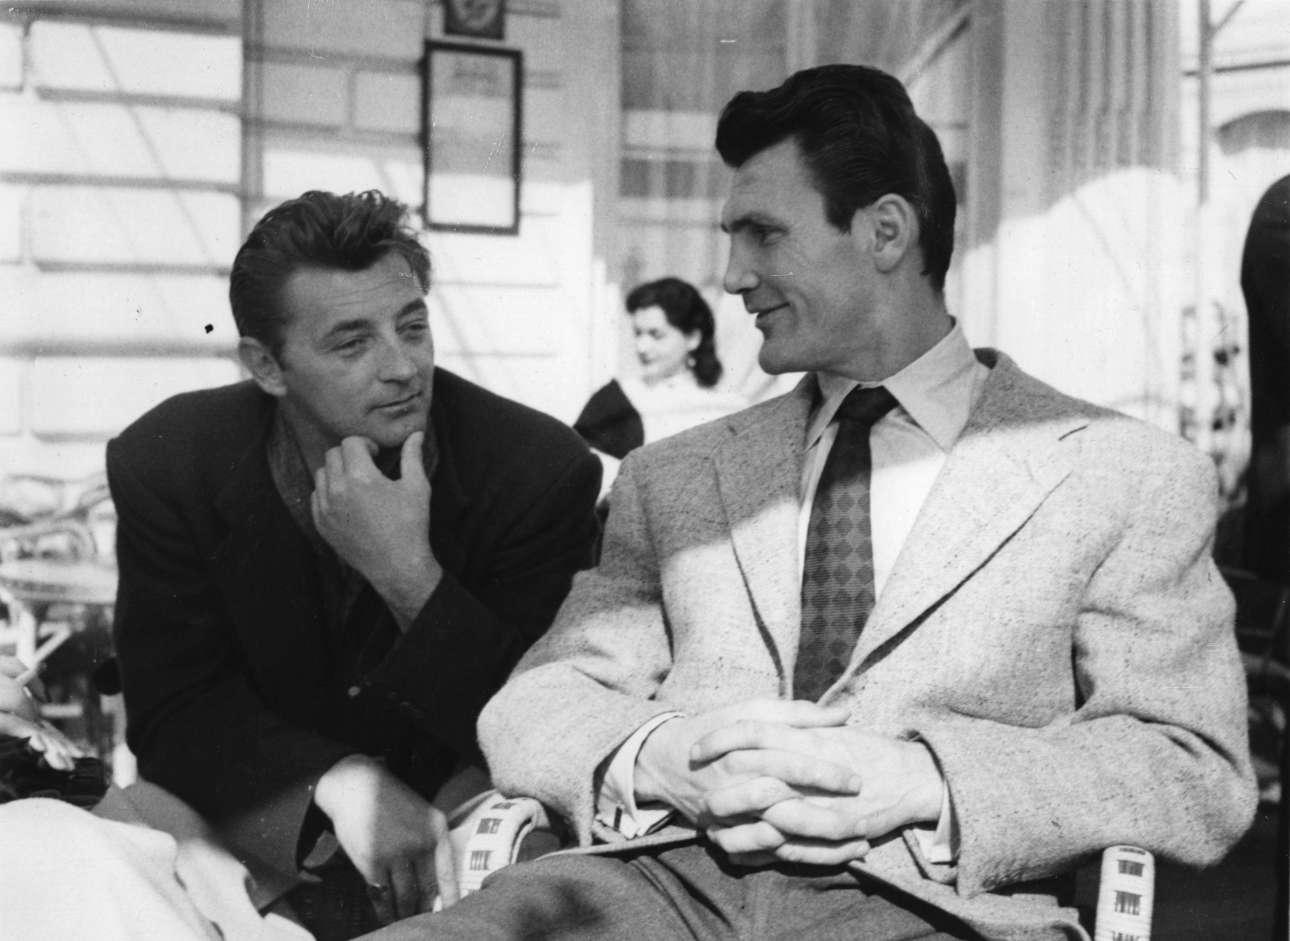 Μάιος 1954, δύο σκληροί του Χόλιγουντ, ο υπέροχος Ρόμπερτ Μίτσαμ (αριστερά) και ο απλά σκληρός Τζακ Πάλανς απολαμβάνουν λίγη σκιά και μια κουβέντα στο περιθώριο του 7ου Φεστιβάλ